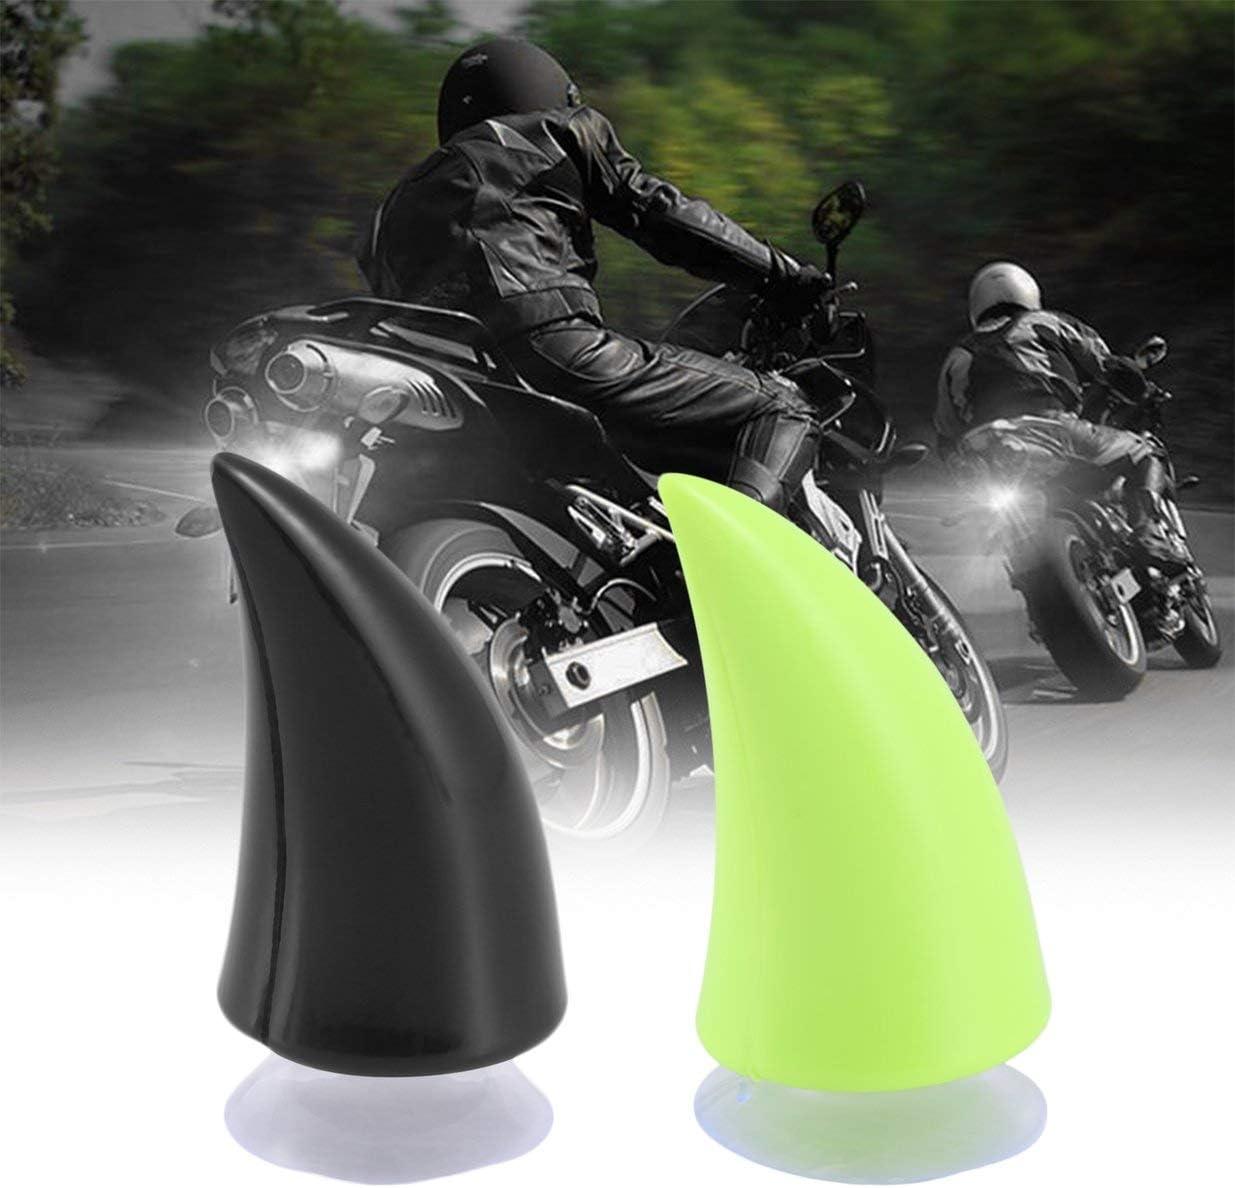 Casque de Moto Corne Diable d/émon Corne avec Ventouse Motocross Visage int/égral Protection d/écoration Voiture Accessoires